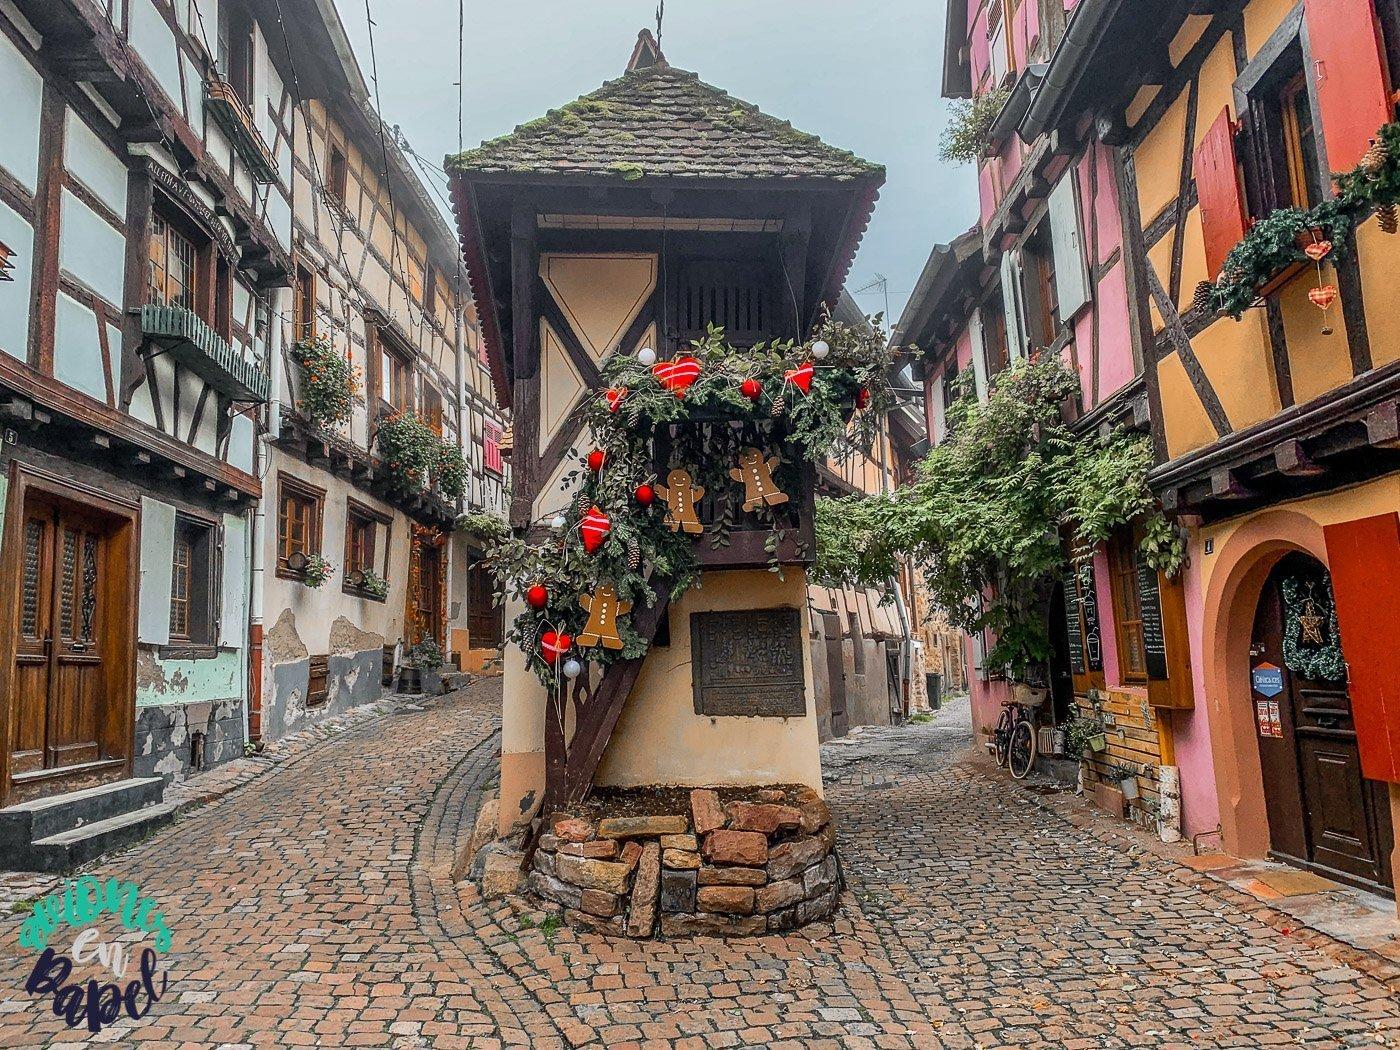 Eguisheim. Ruta y qué ver en Alsacia en 4 días